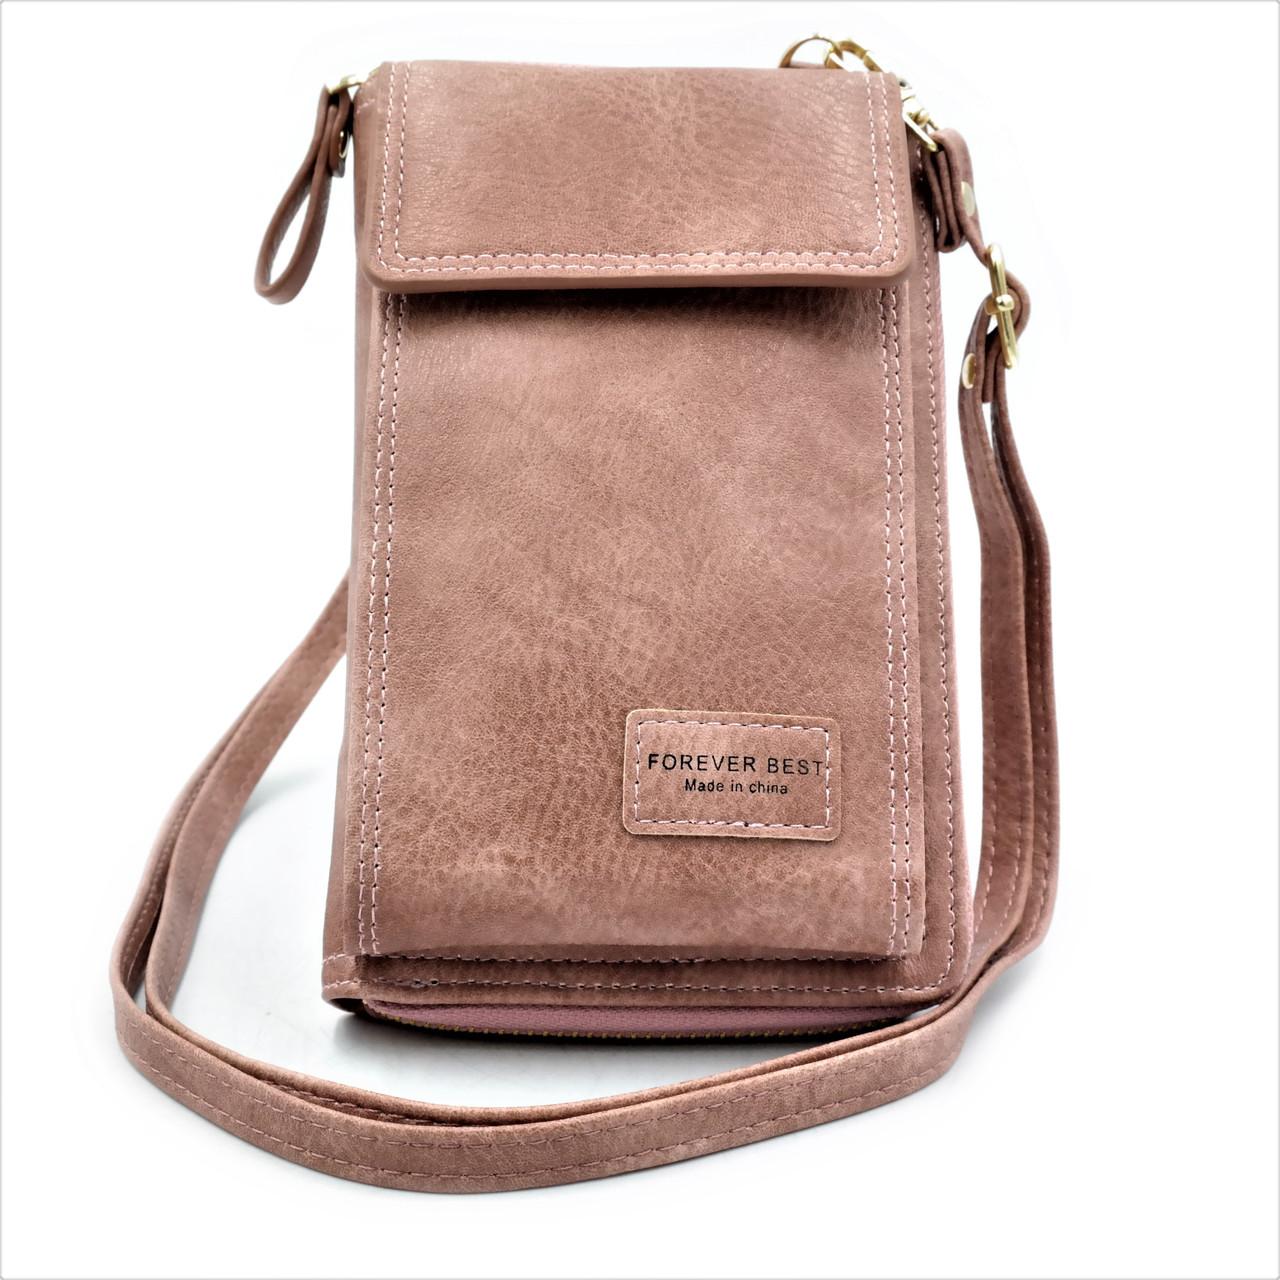 Женская сумка-кошелёк цвет розовый Оригинальная женская сумка-кошелёк со съемной регулируемой ручкой